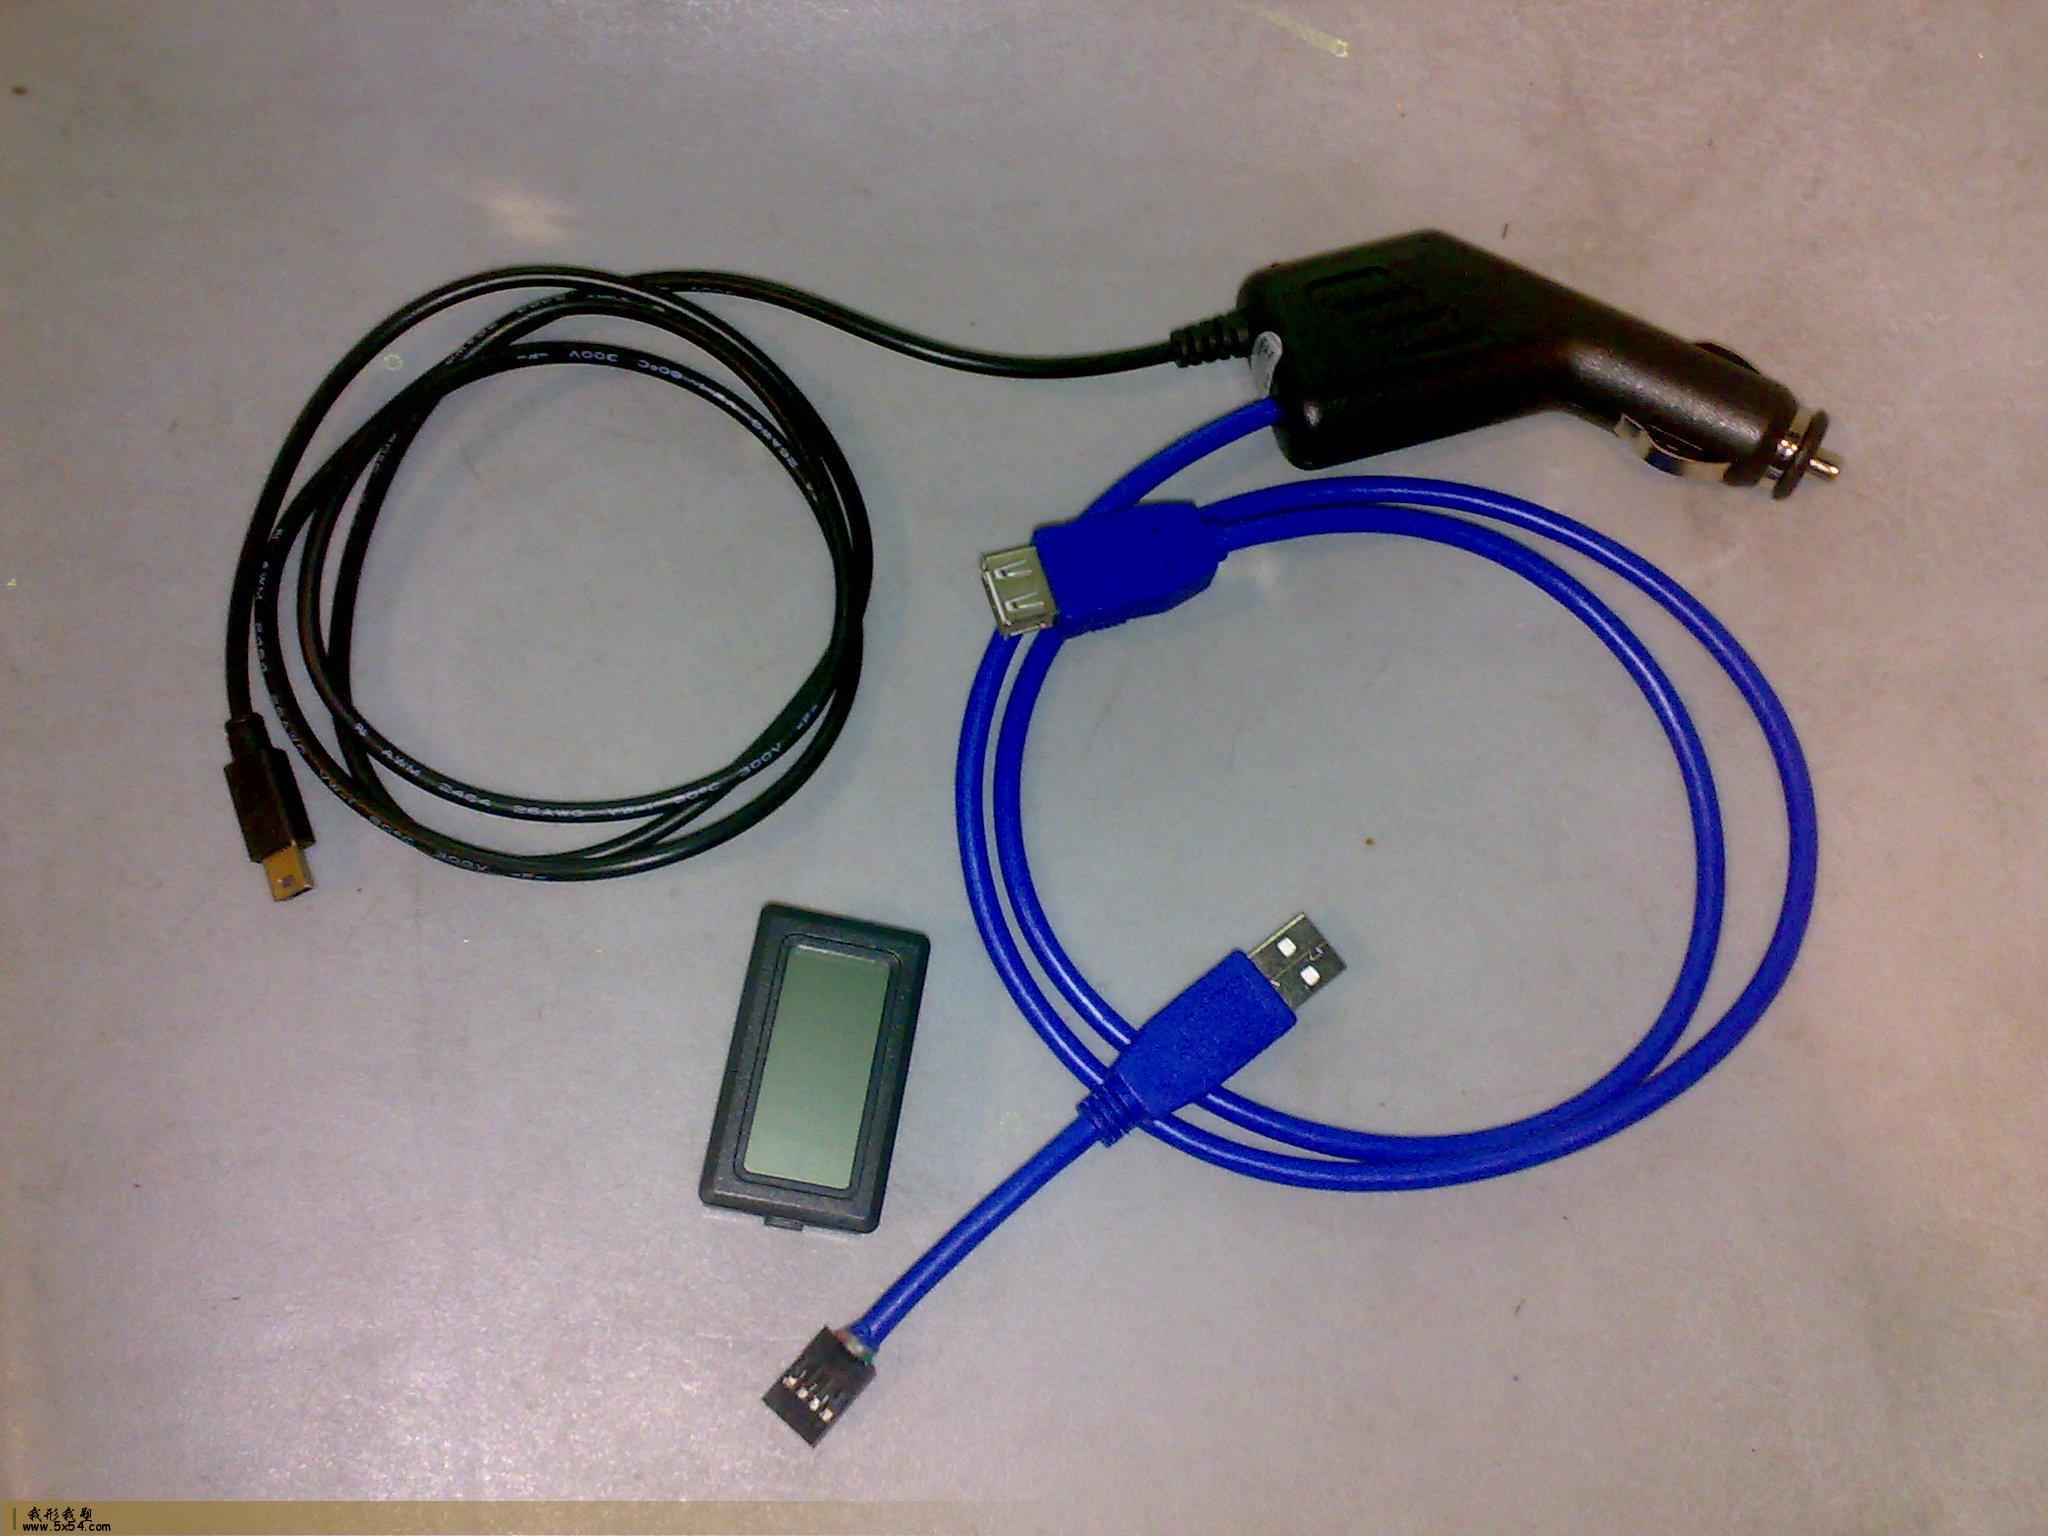 导航仪车载充电器改装增加usb接口